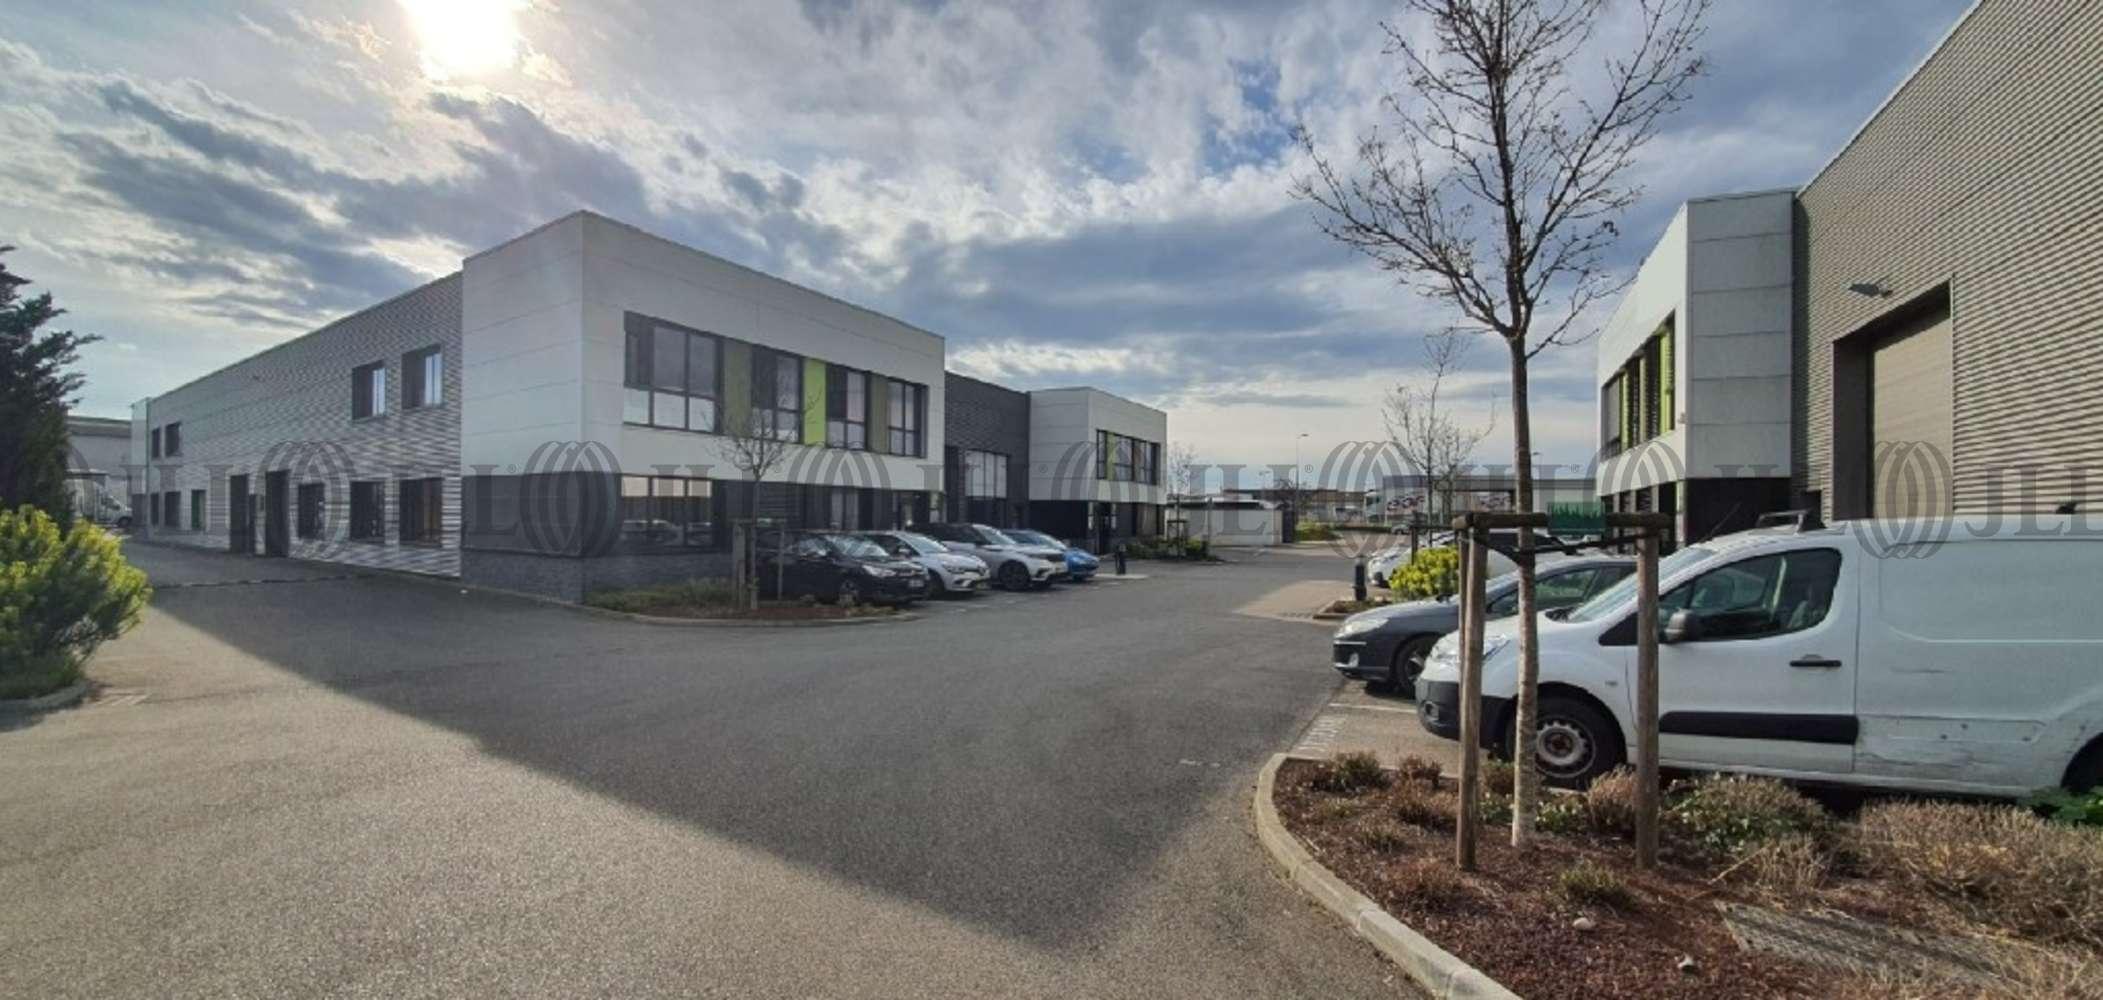 Activités/entrepôt Vaulx en velin, 69120 - Location entrepot Vaulx-en-Velin - Rhône